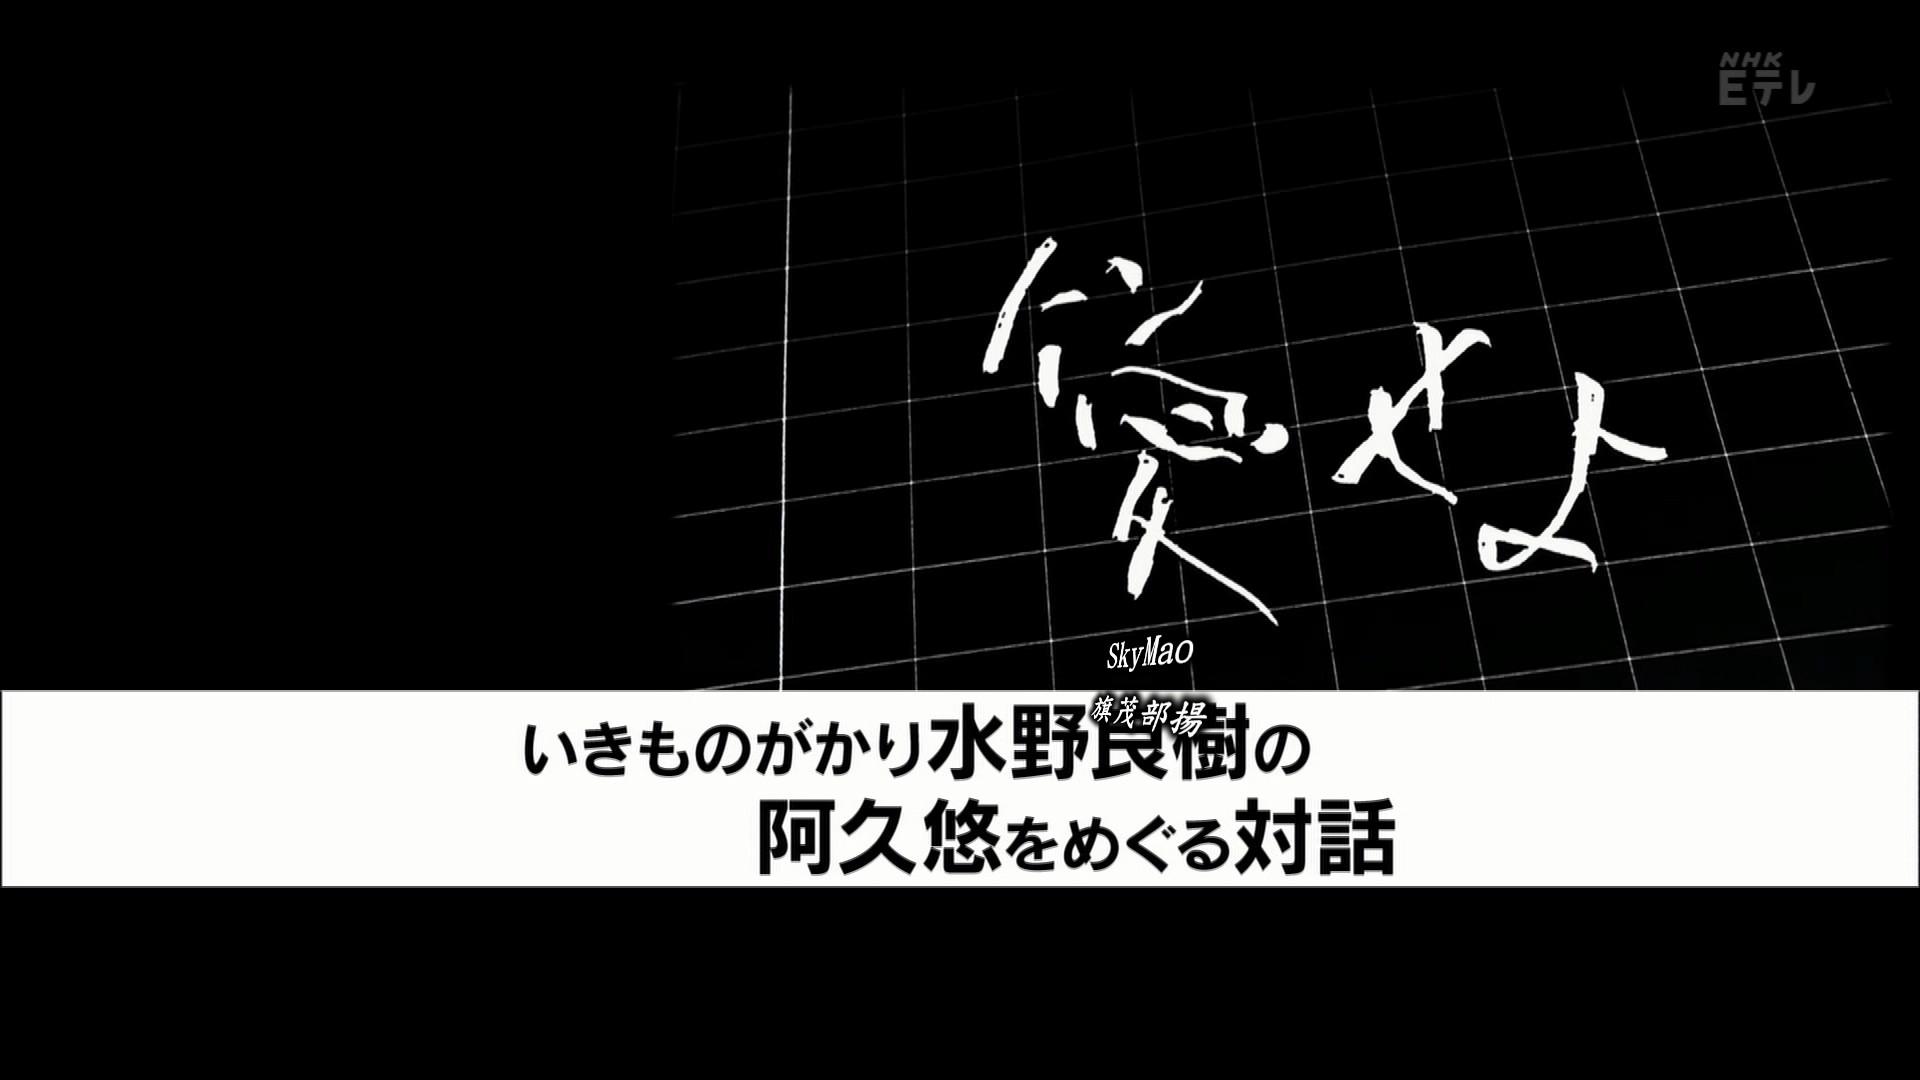 2017.09.23 全場(いきものがかり水野良樹の阿久悠をめぐる対話).ts_20170924_001735.425